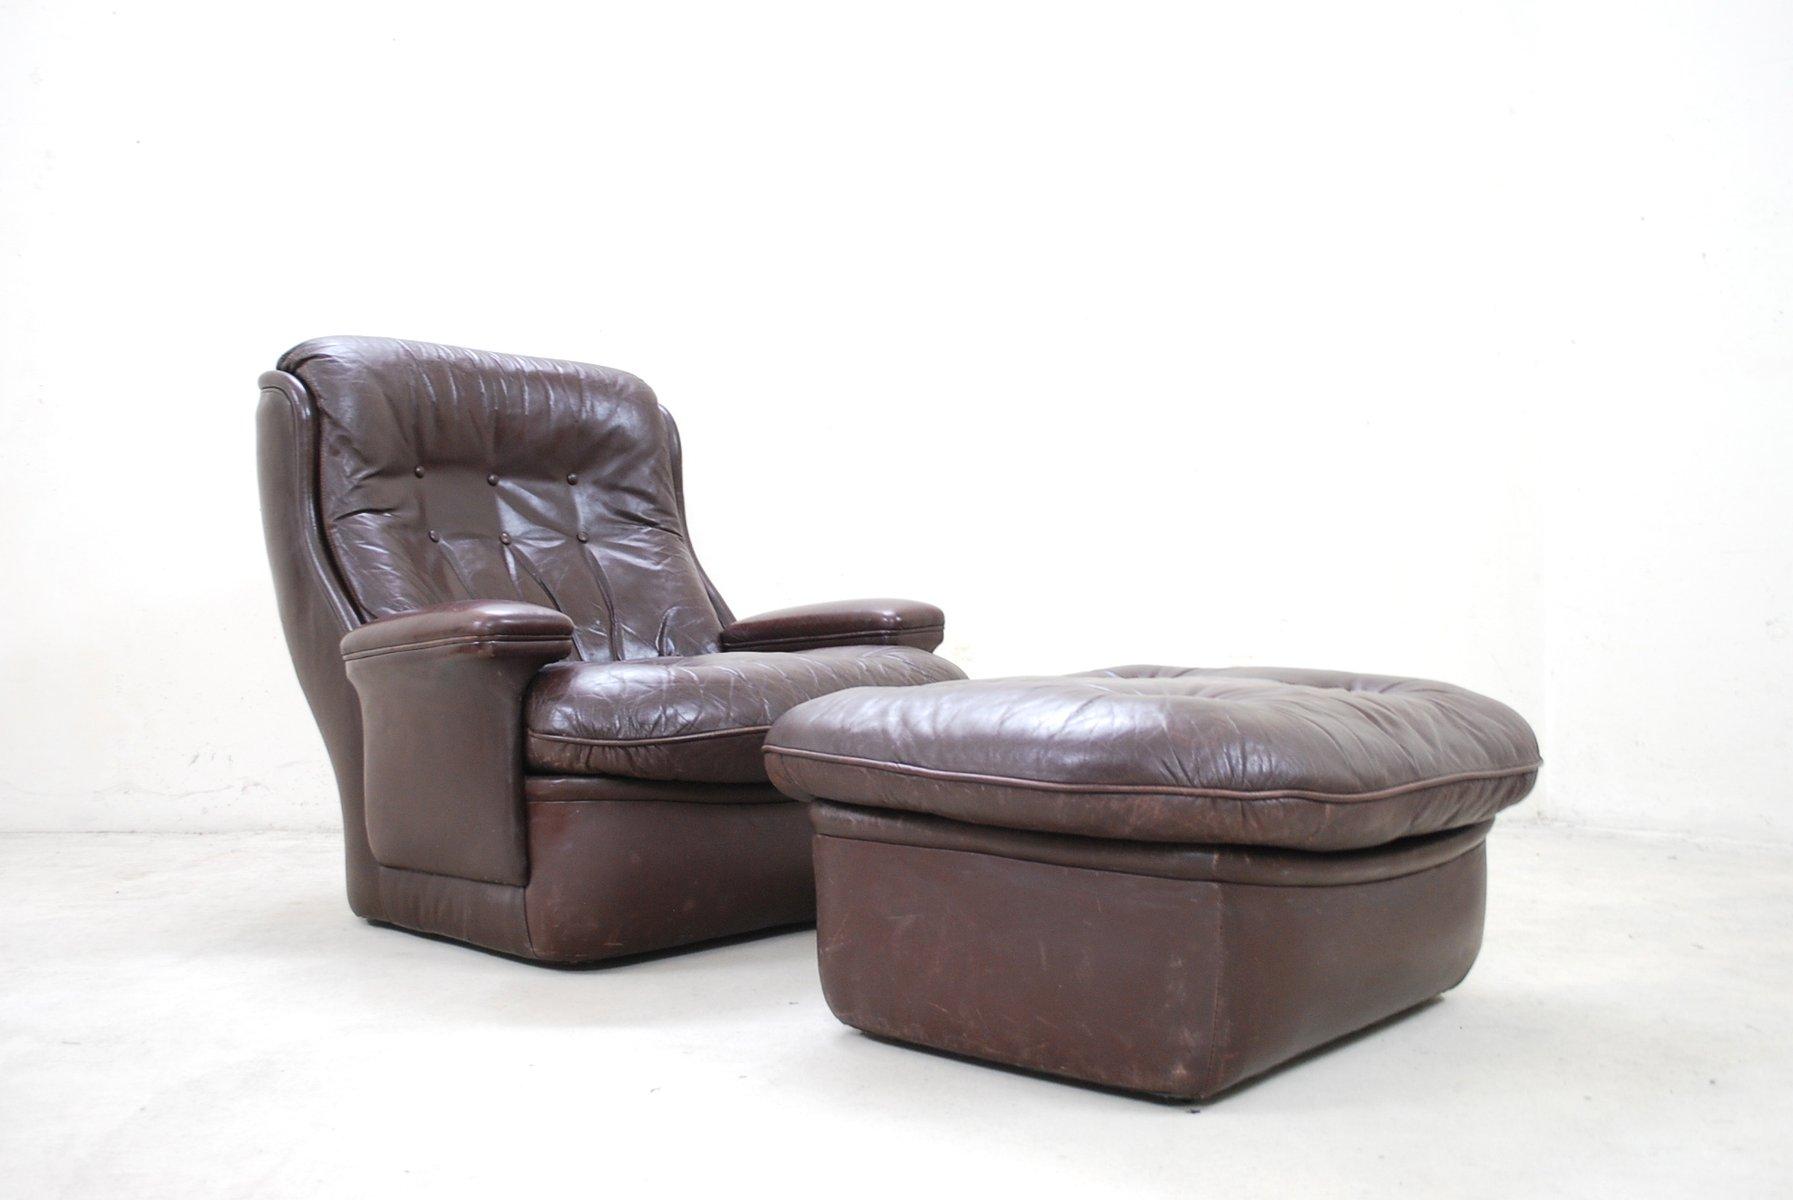 brauner vintage leder lounge stuhl und ottoman von terstappen bei pamono kaufen. Black Bedroom Furniture Sets. Home Design Ideas